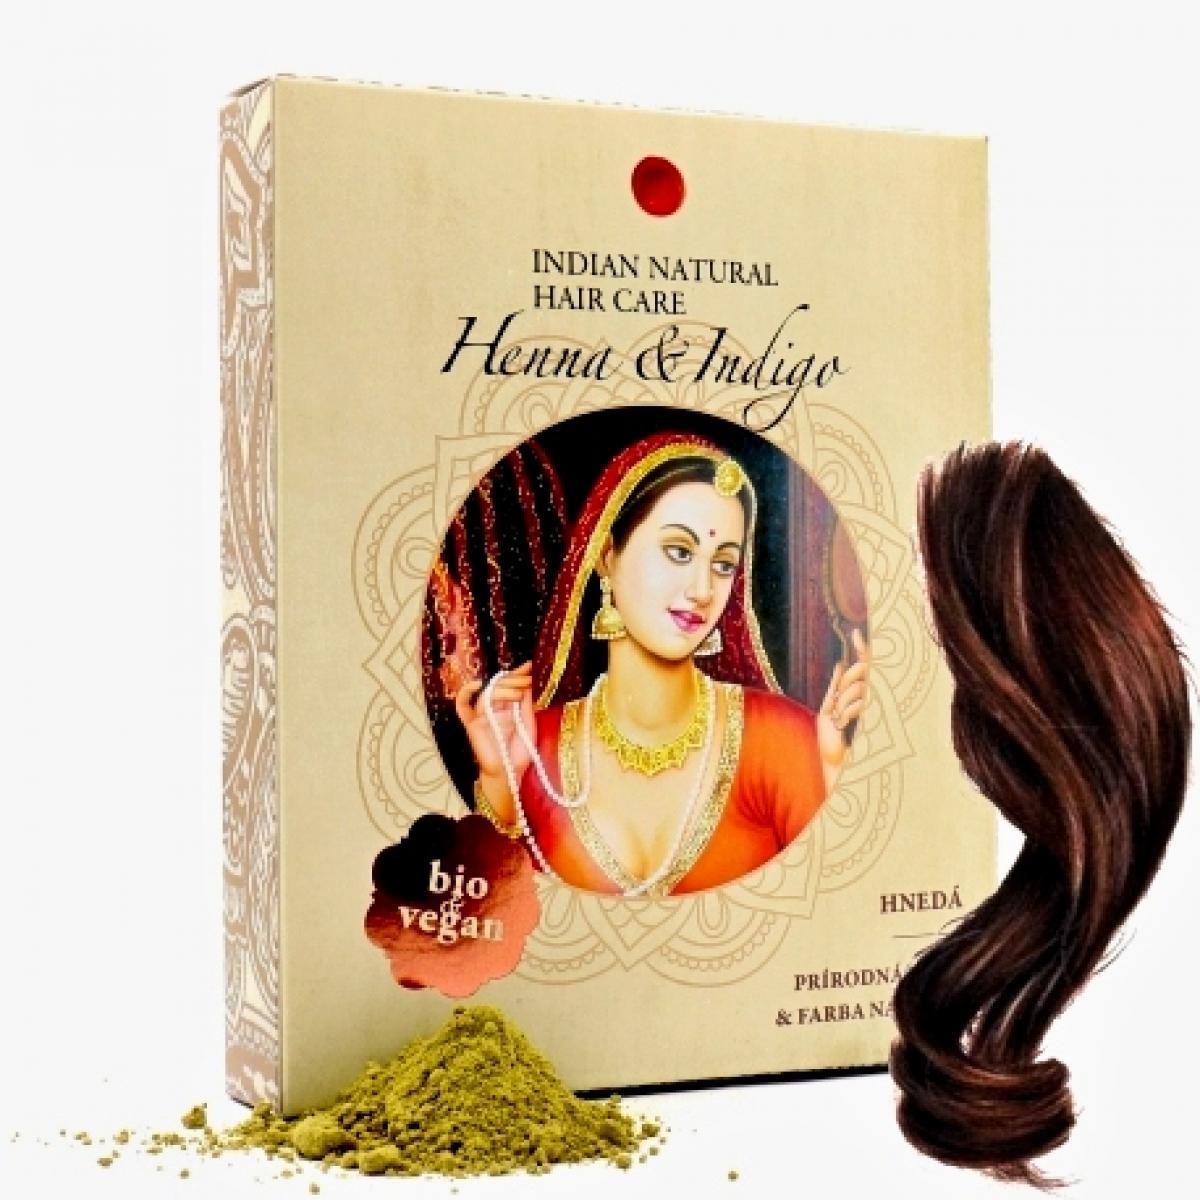 Henna + Indigo - Prírodná farba a kúra na vlasy - Hnedá - Indian Natural Hair Care 200 g